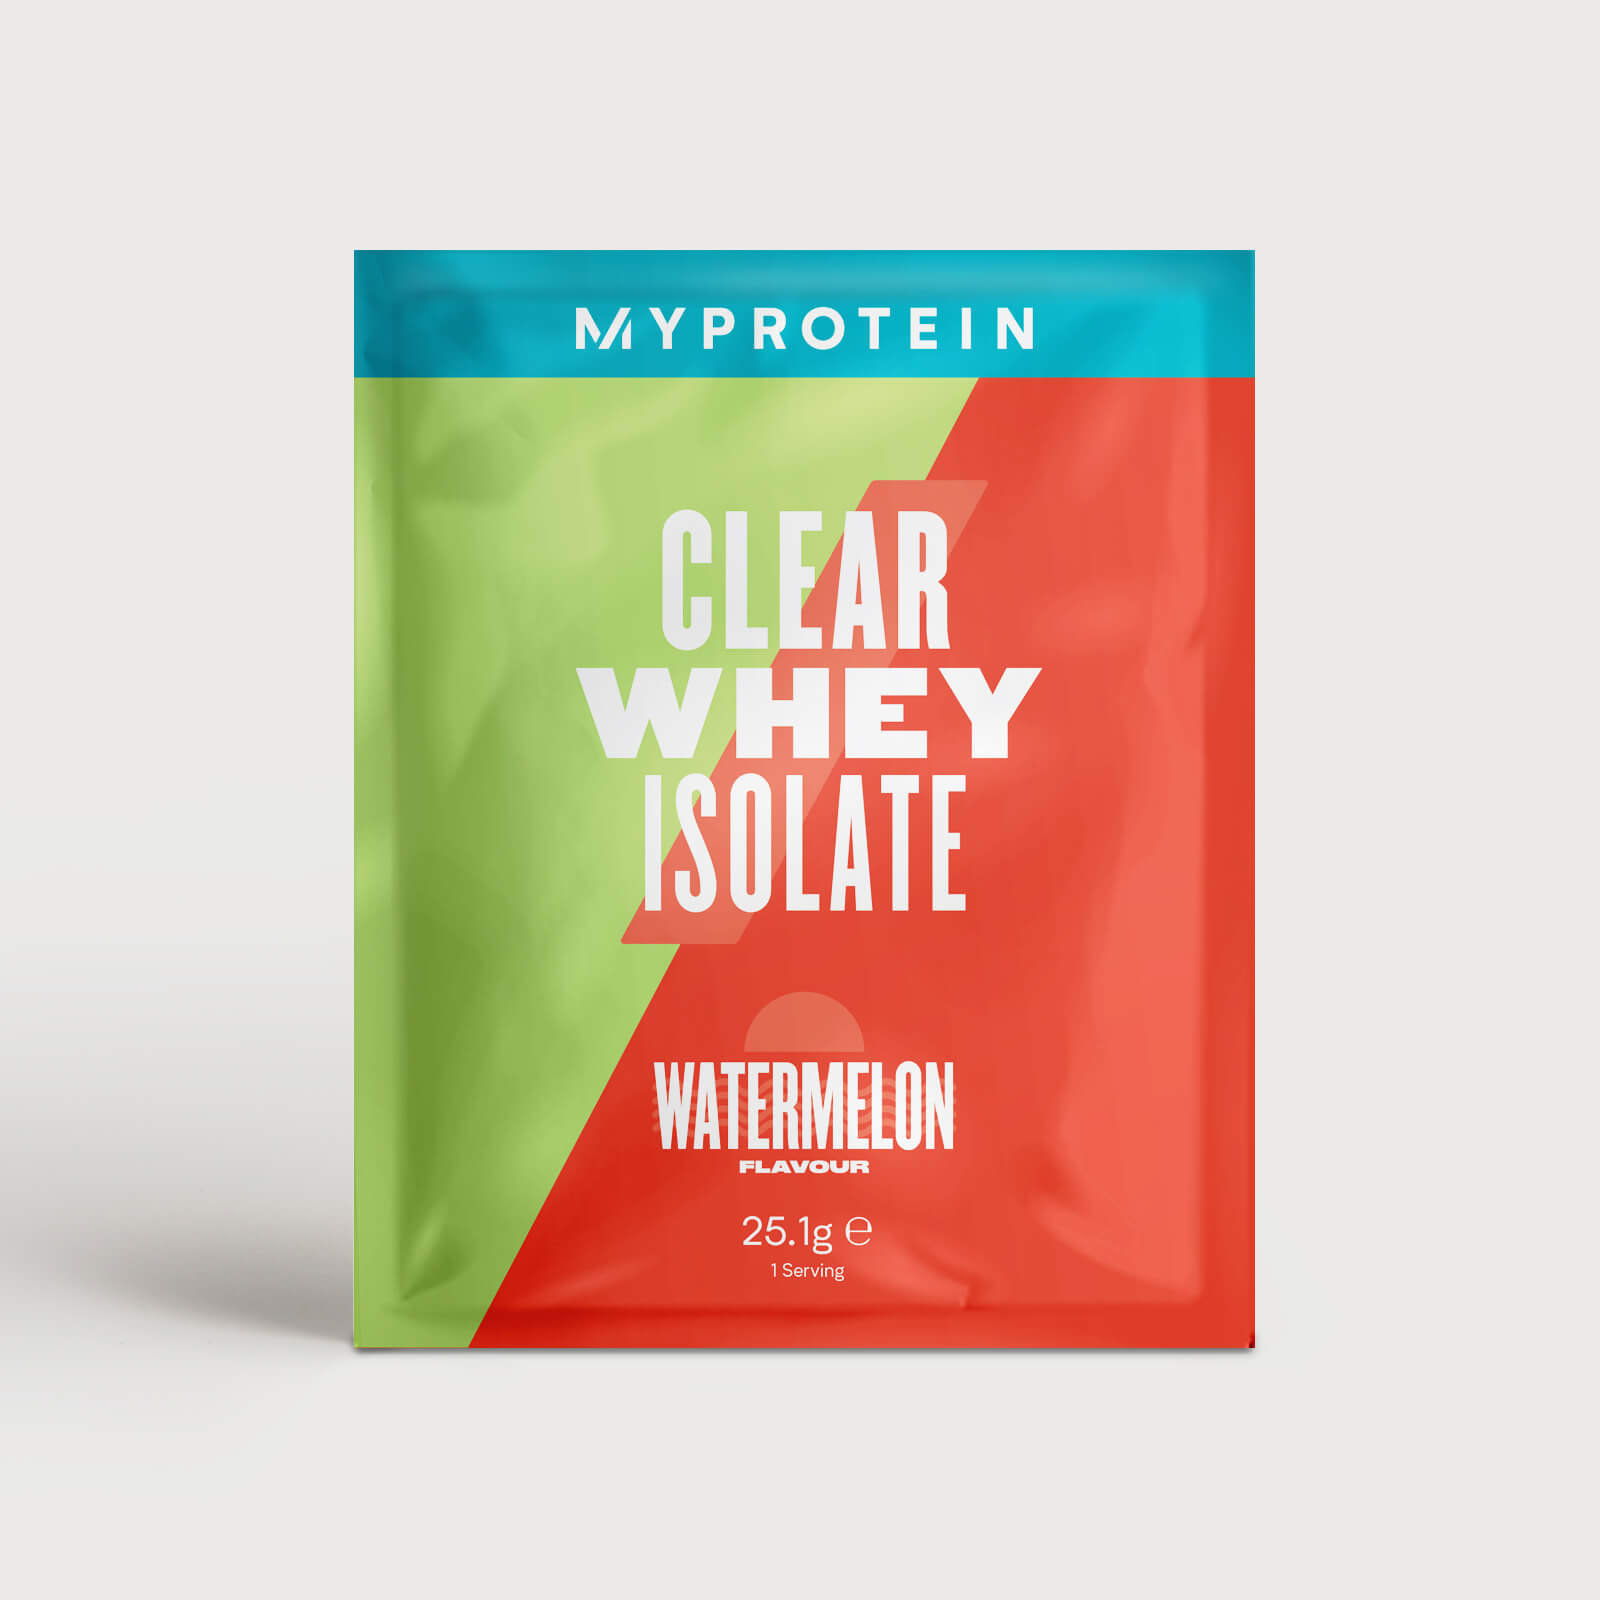 Купить Myprotein Clear Whey Isolate (Sample) - 25.1g - Арбуз, Myprotein International